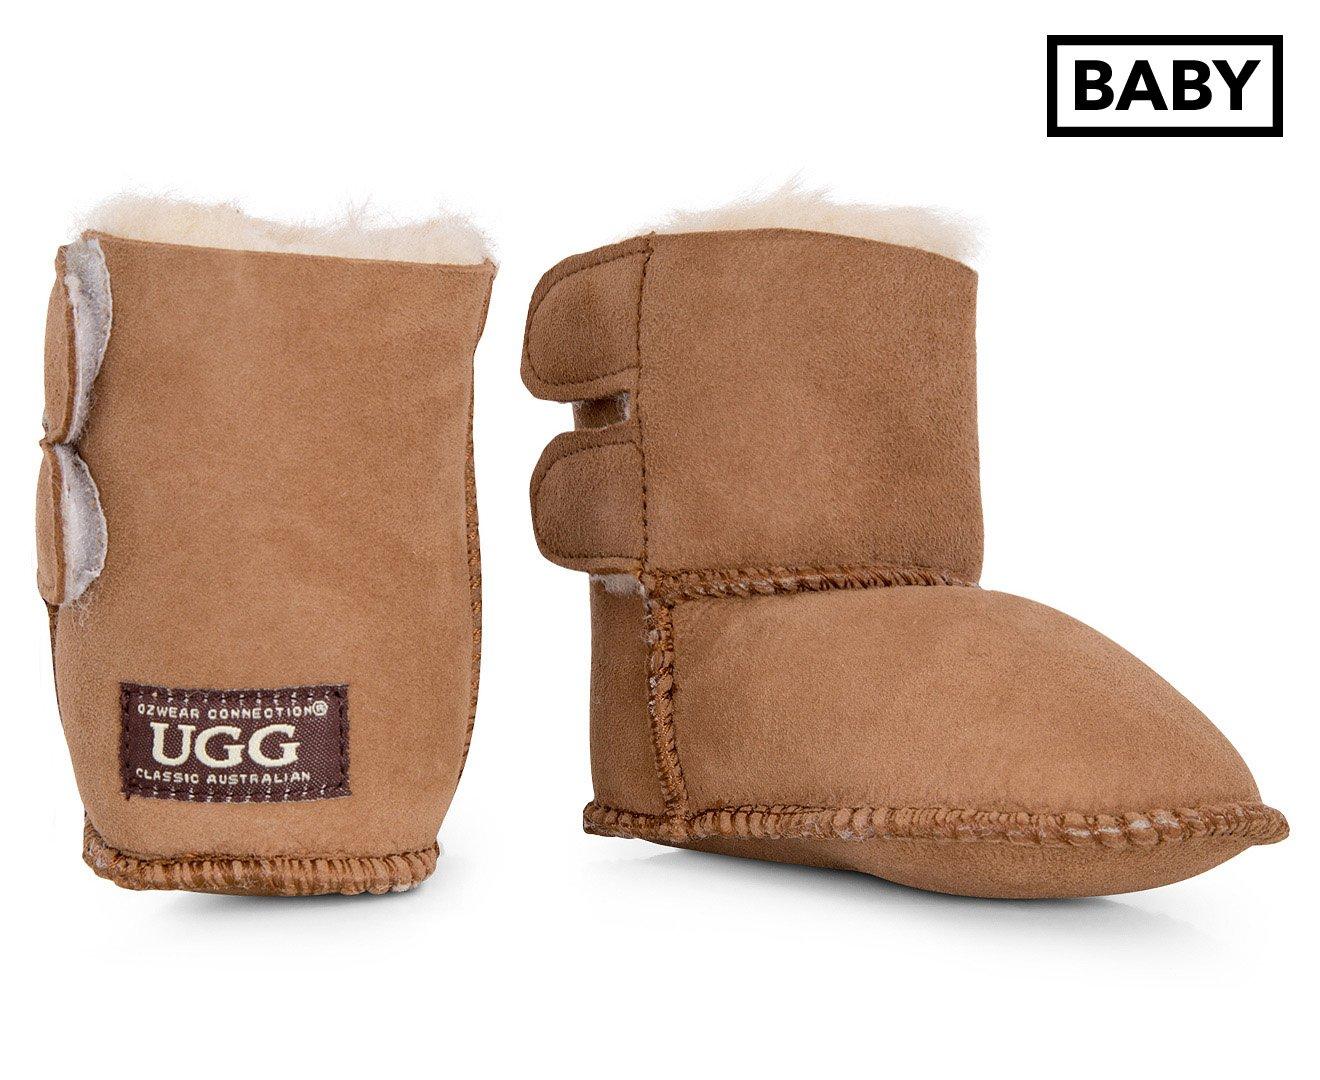 28ad7ba800f Ozwear Connection Baby UGG Boot Chestnut: Amazon.com.au: Fashion